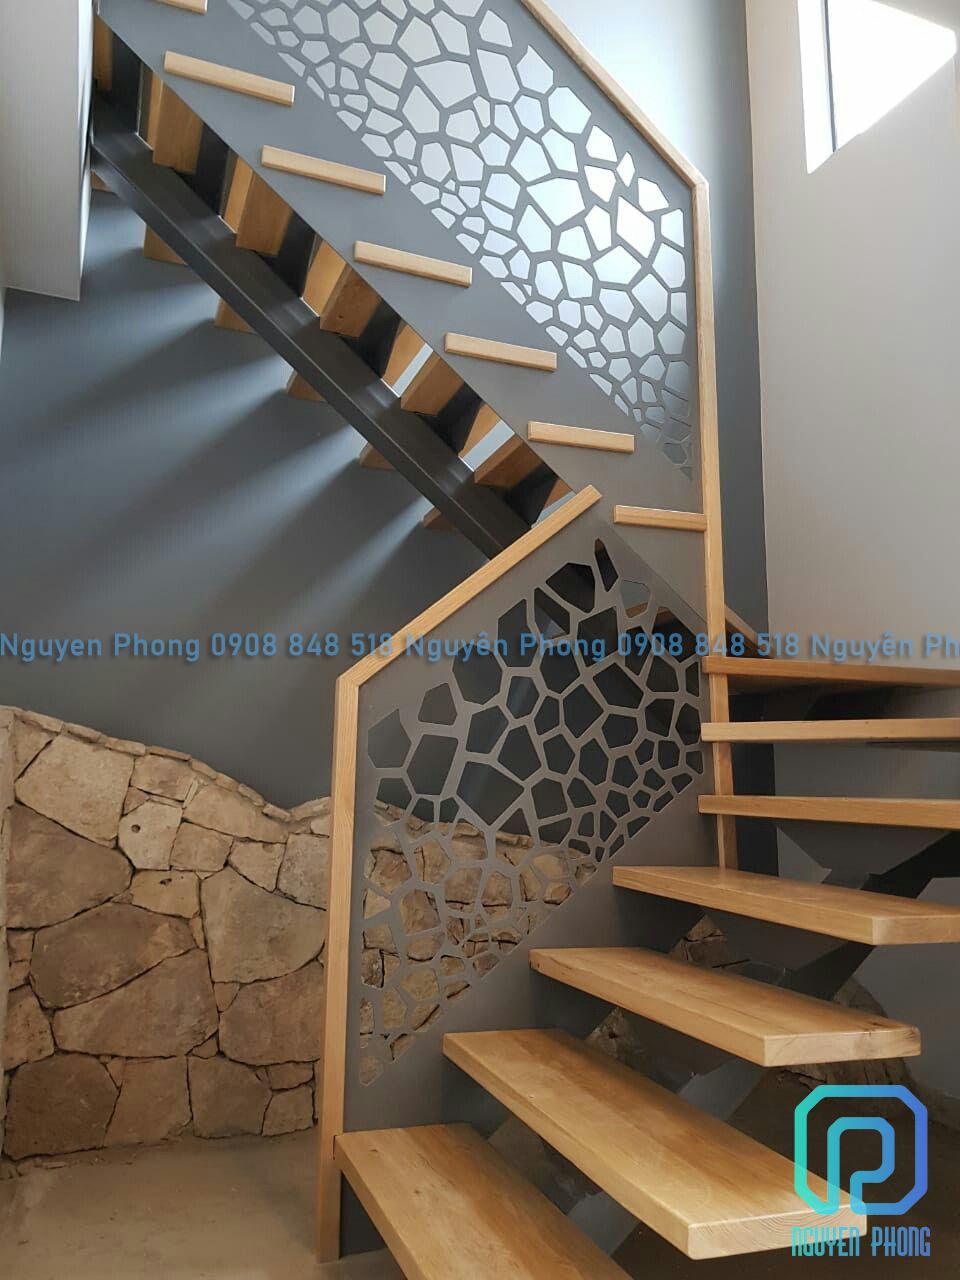 20 mẫu cầu thang cắt CNC sang trọng là xu hướng xây dựng cho năm 2021